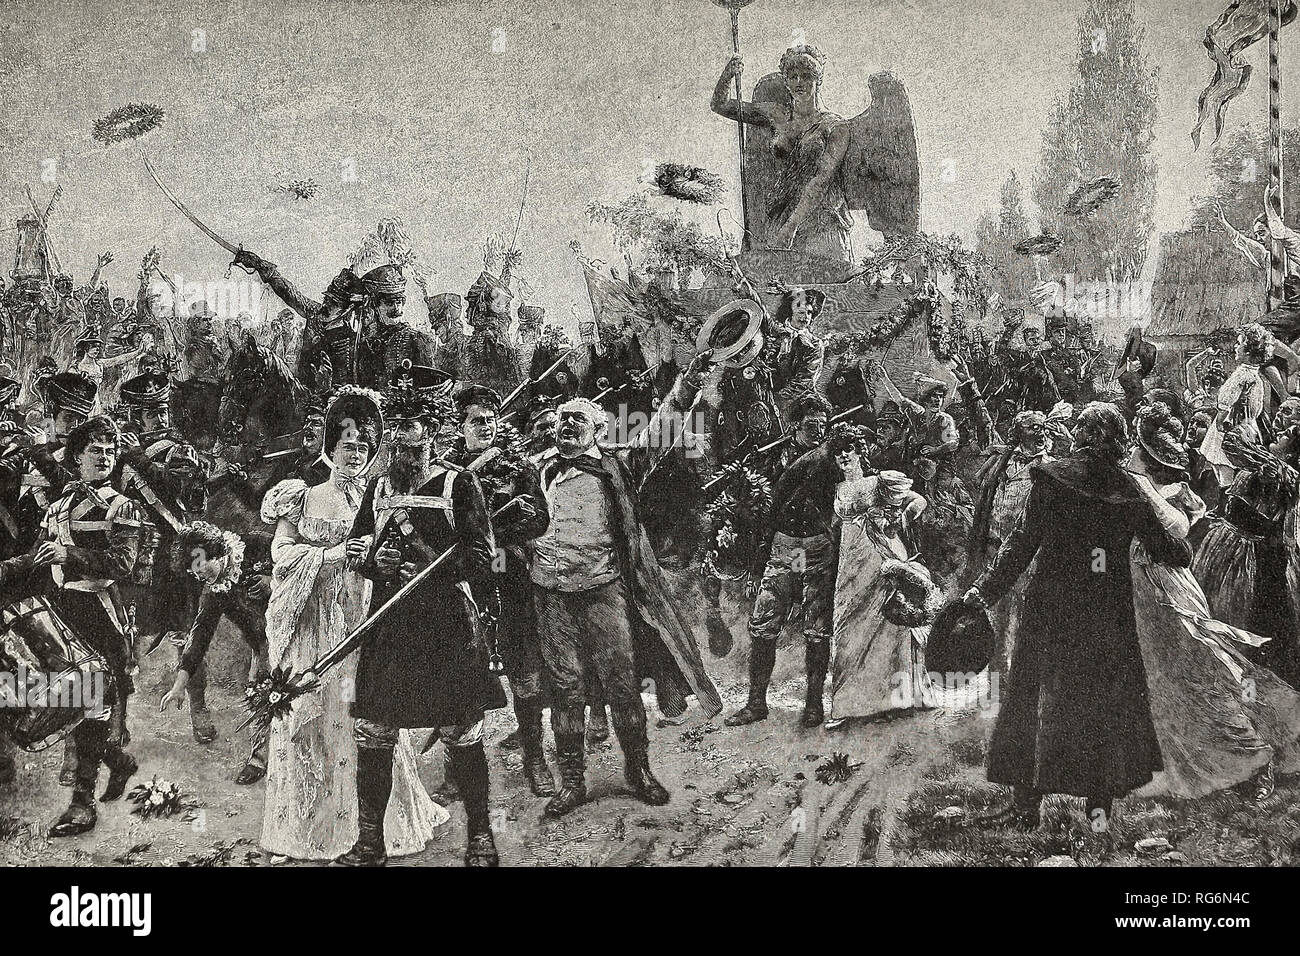 El triunfo en Berlín - La Estatua de la victoria, capturados por Napoleón, se restaura con fiestas en 1814. Foto de stock